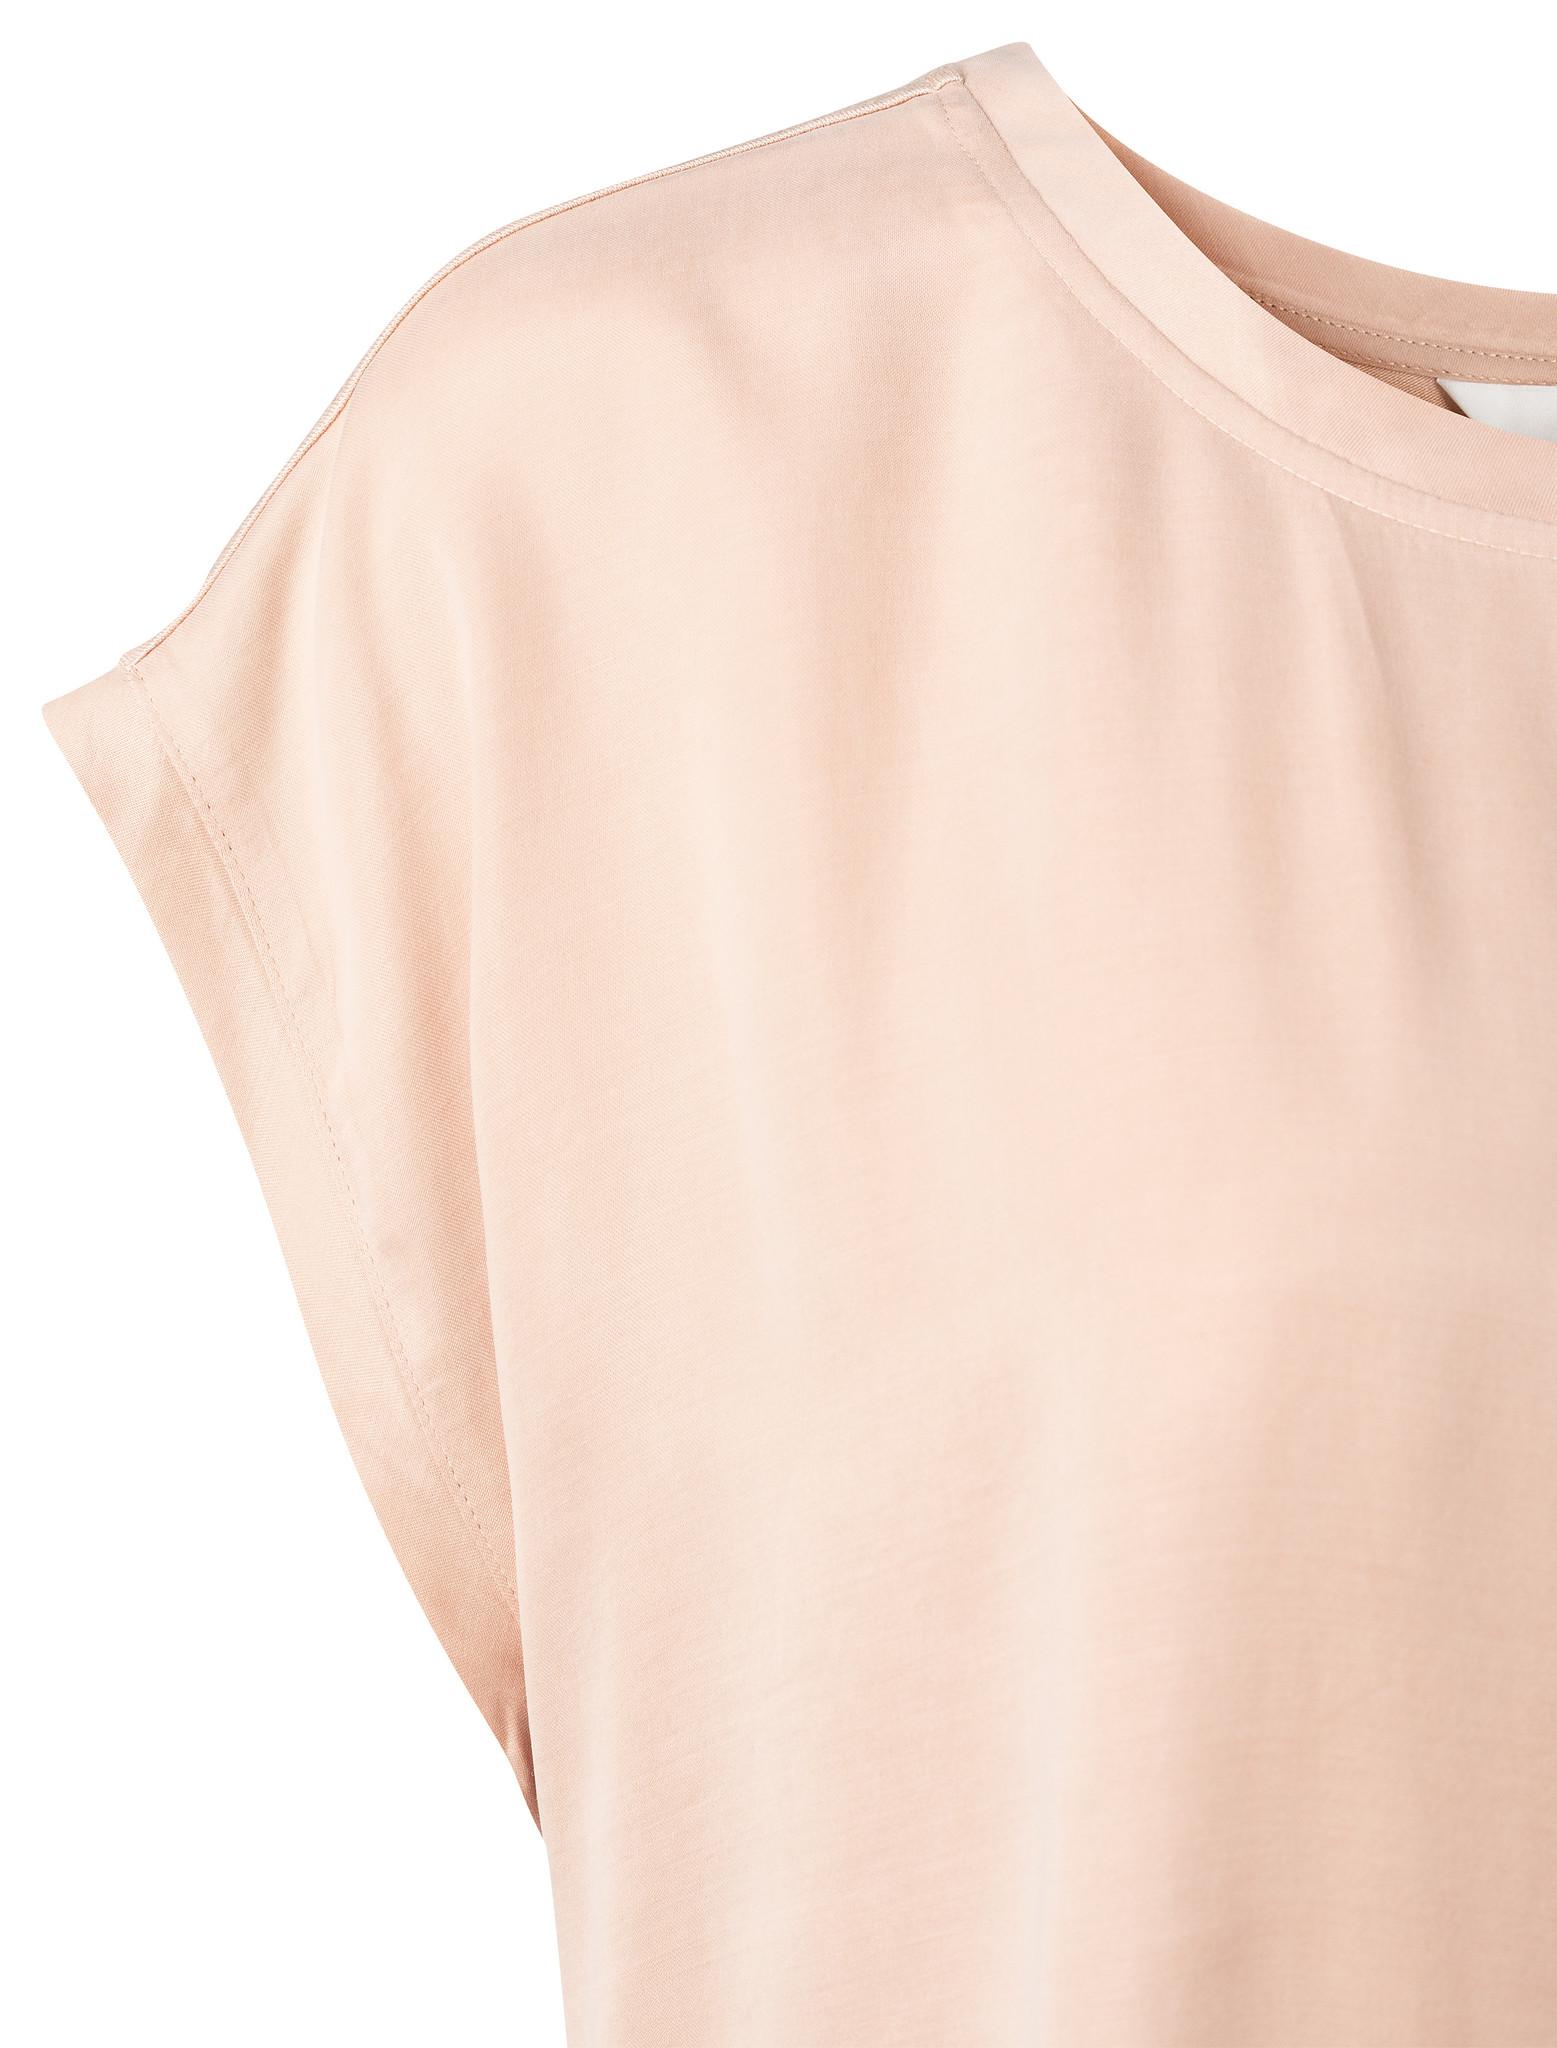 yaya Cupro blend fabric m 1901116-113-2